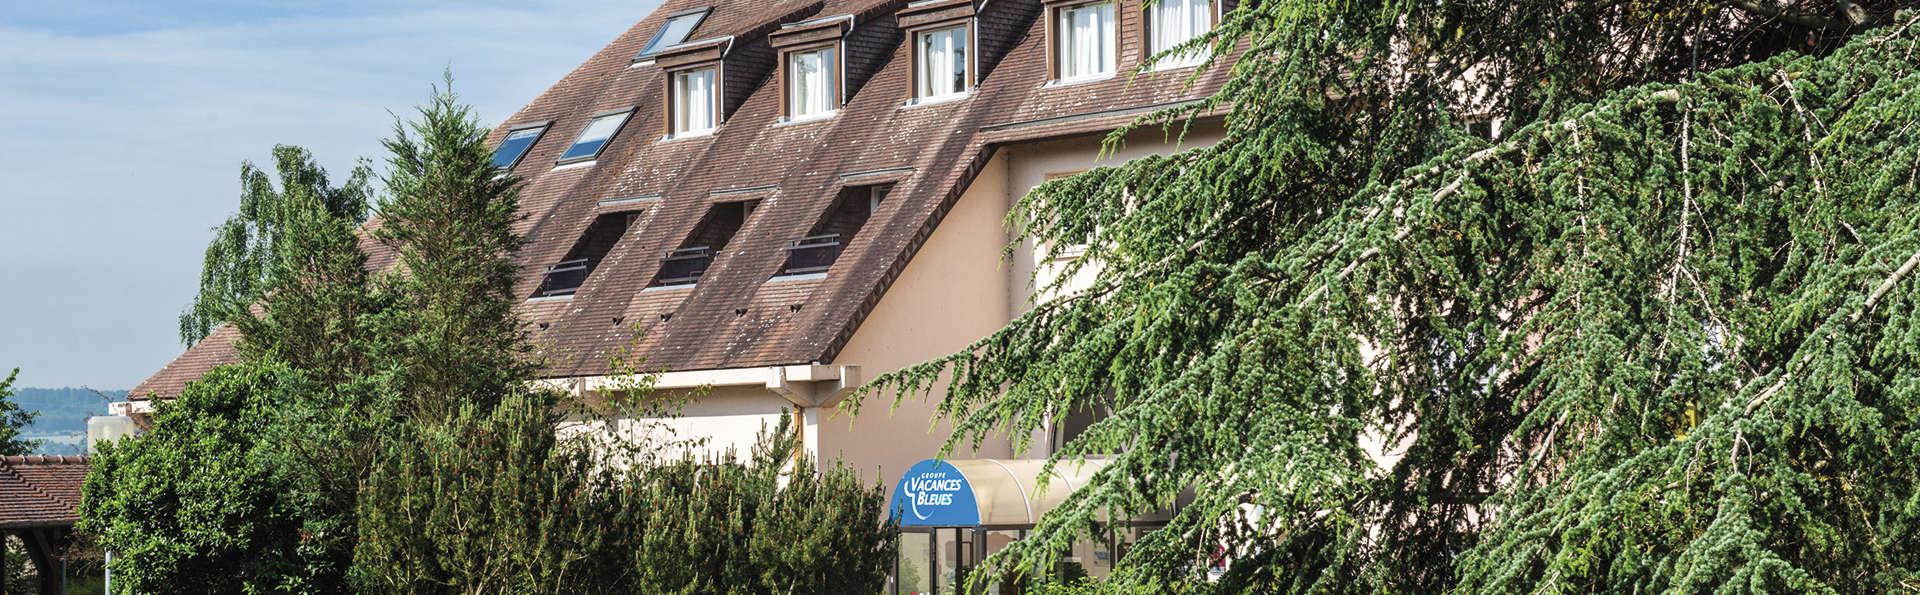 Les Jardins de Deauville - edit_front5.jpg